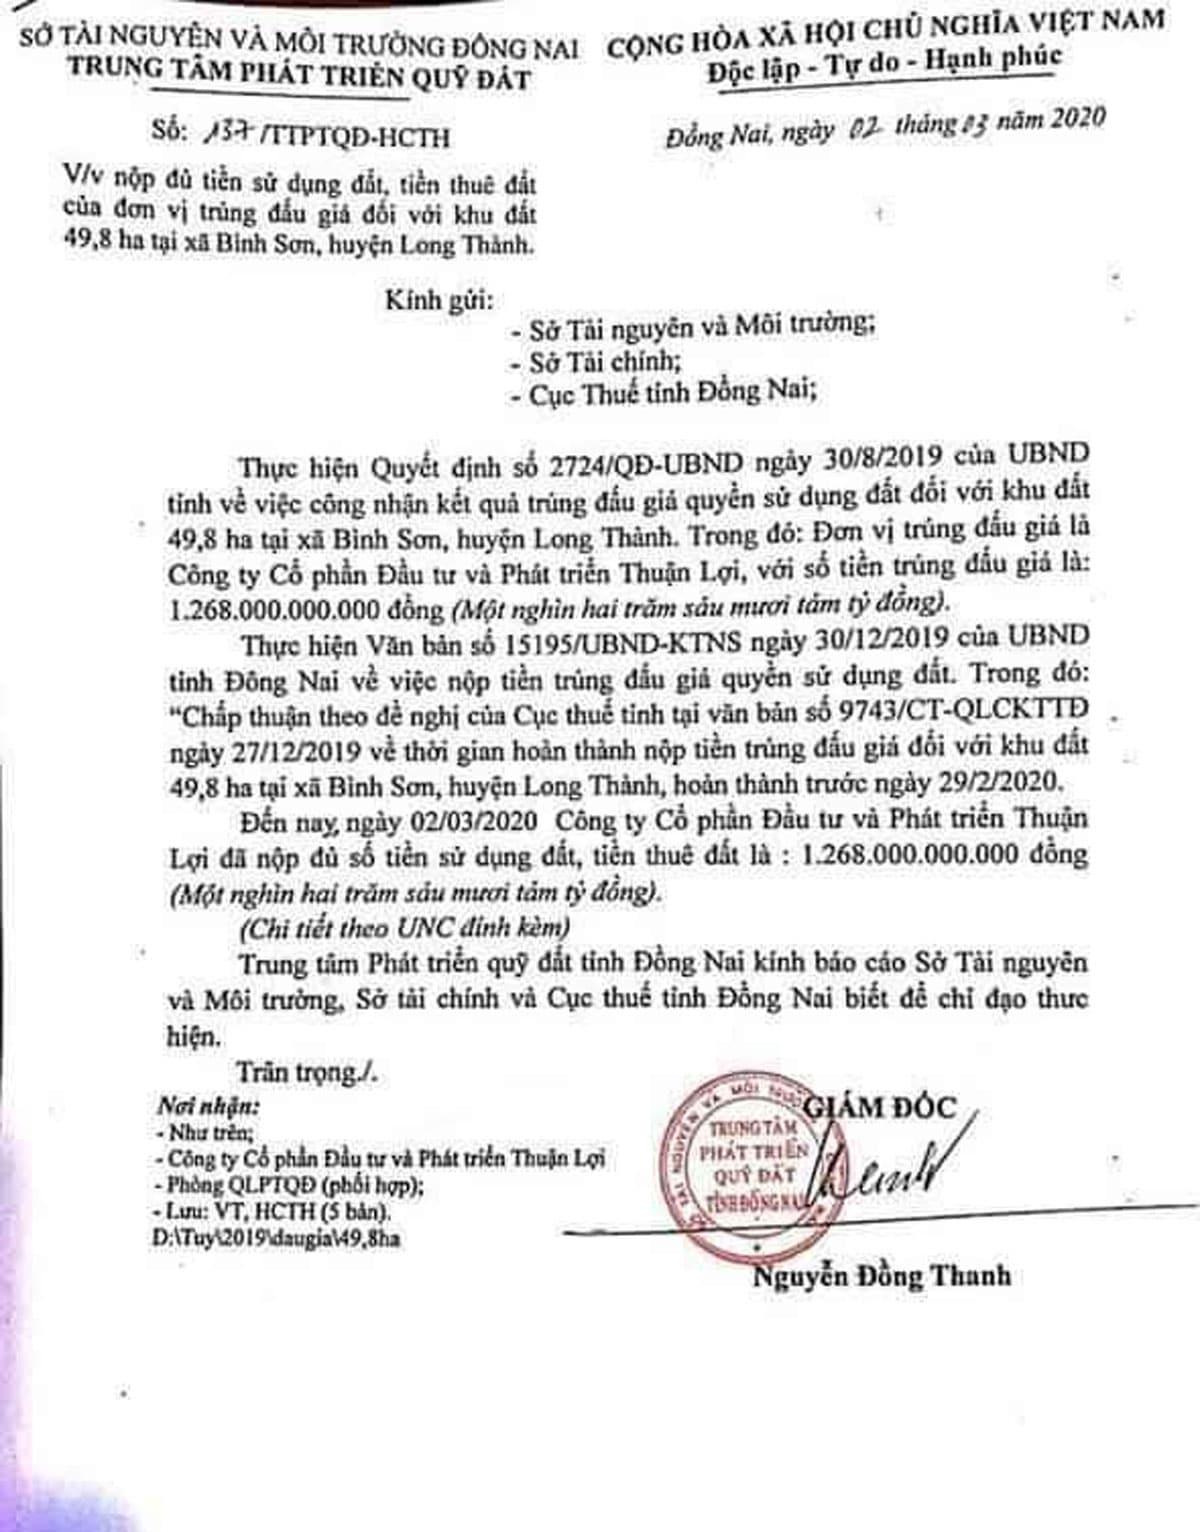 Chứng từ Đóng tiền sử dụng đất Dự án Khu Dân cư Bình Sơn Long Thành Đồng Nai